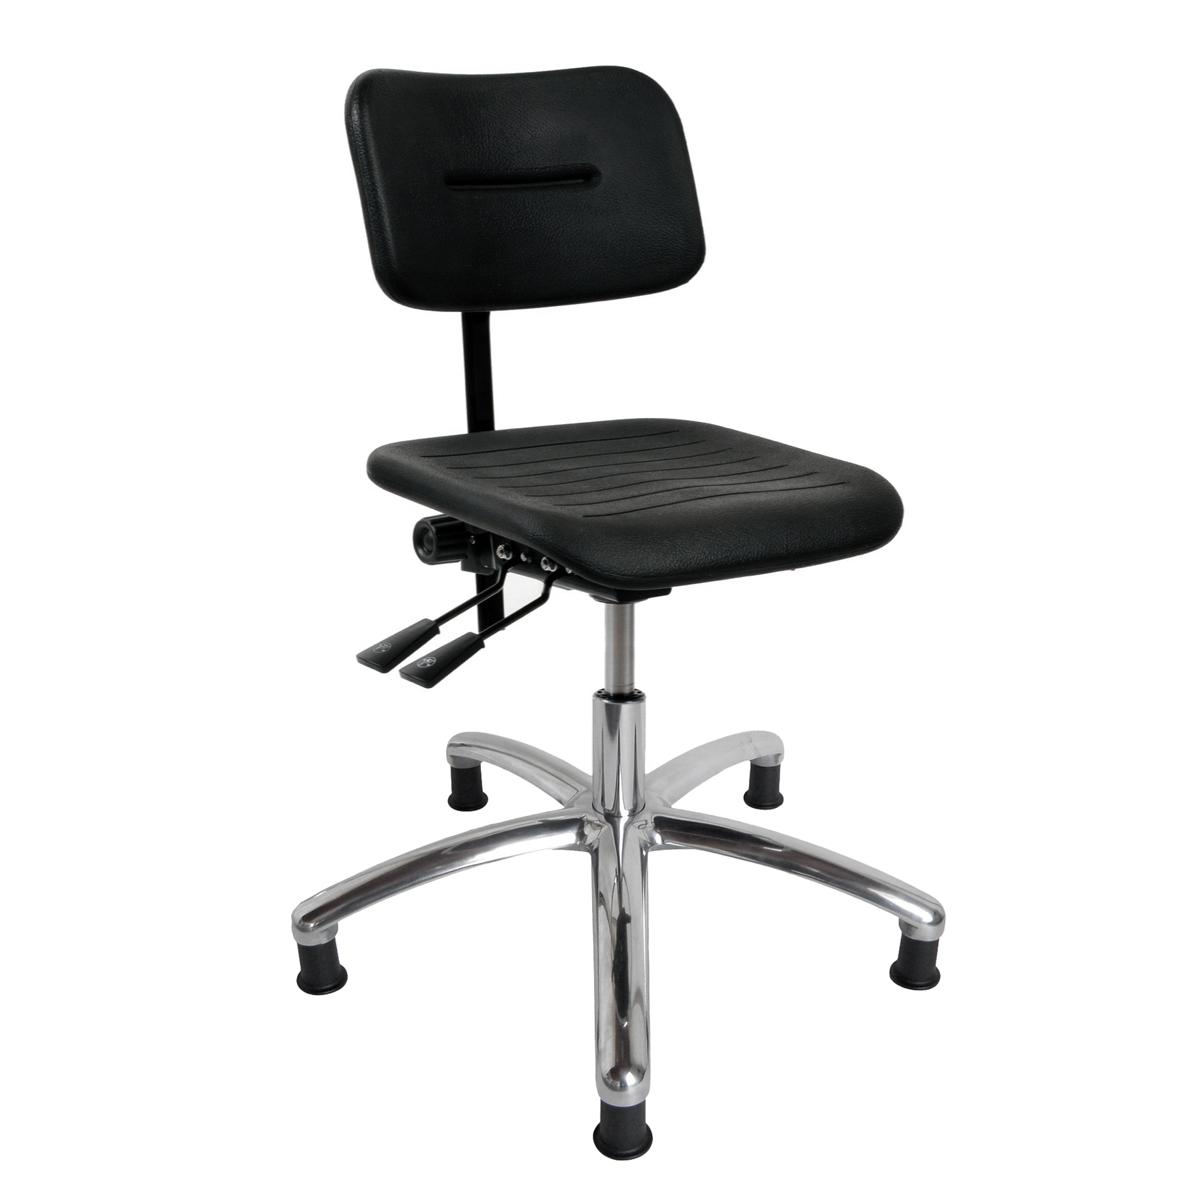 DYNAMO arbejdsstol med sæde/ryg i PU-skum, glidesko og indstilling af sæde- og ryg (600-860 mm)